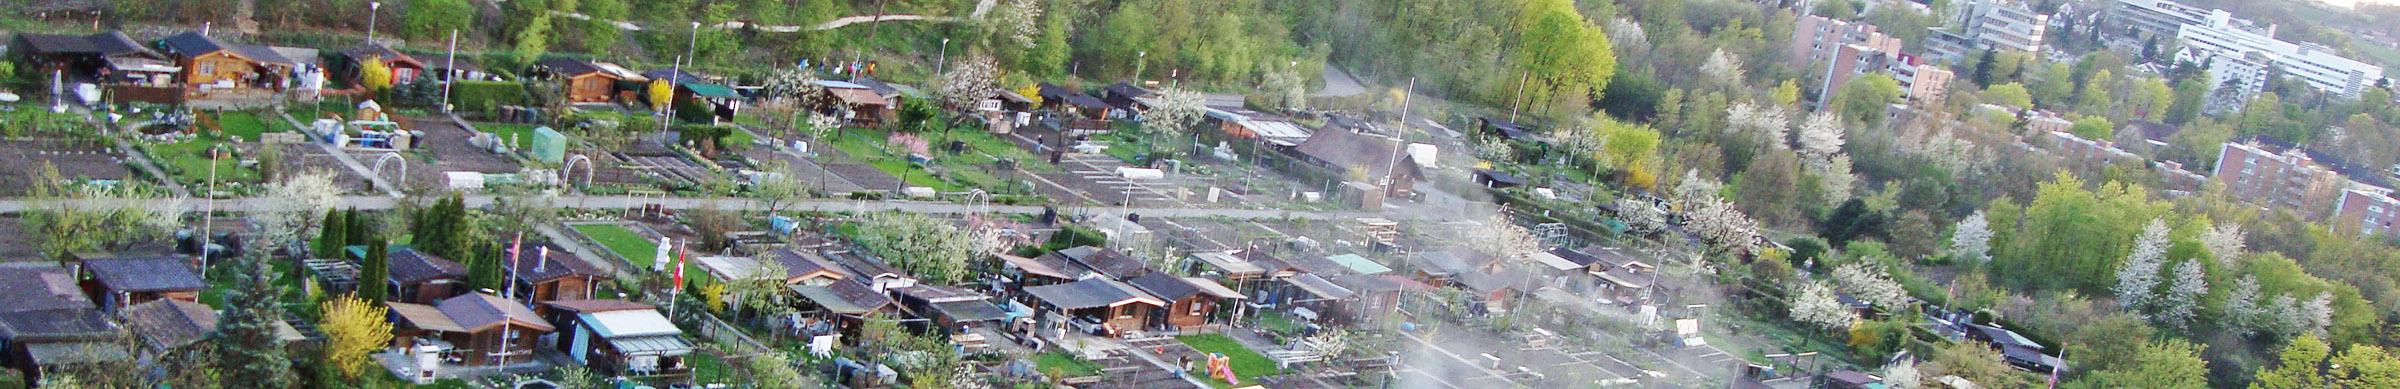 Gartenverein Rütihard Muttenz Areal